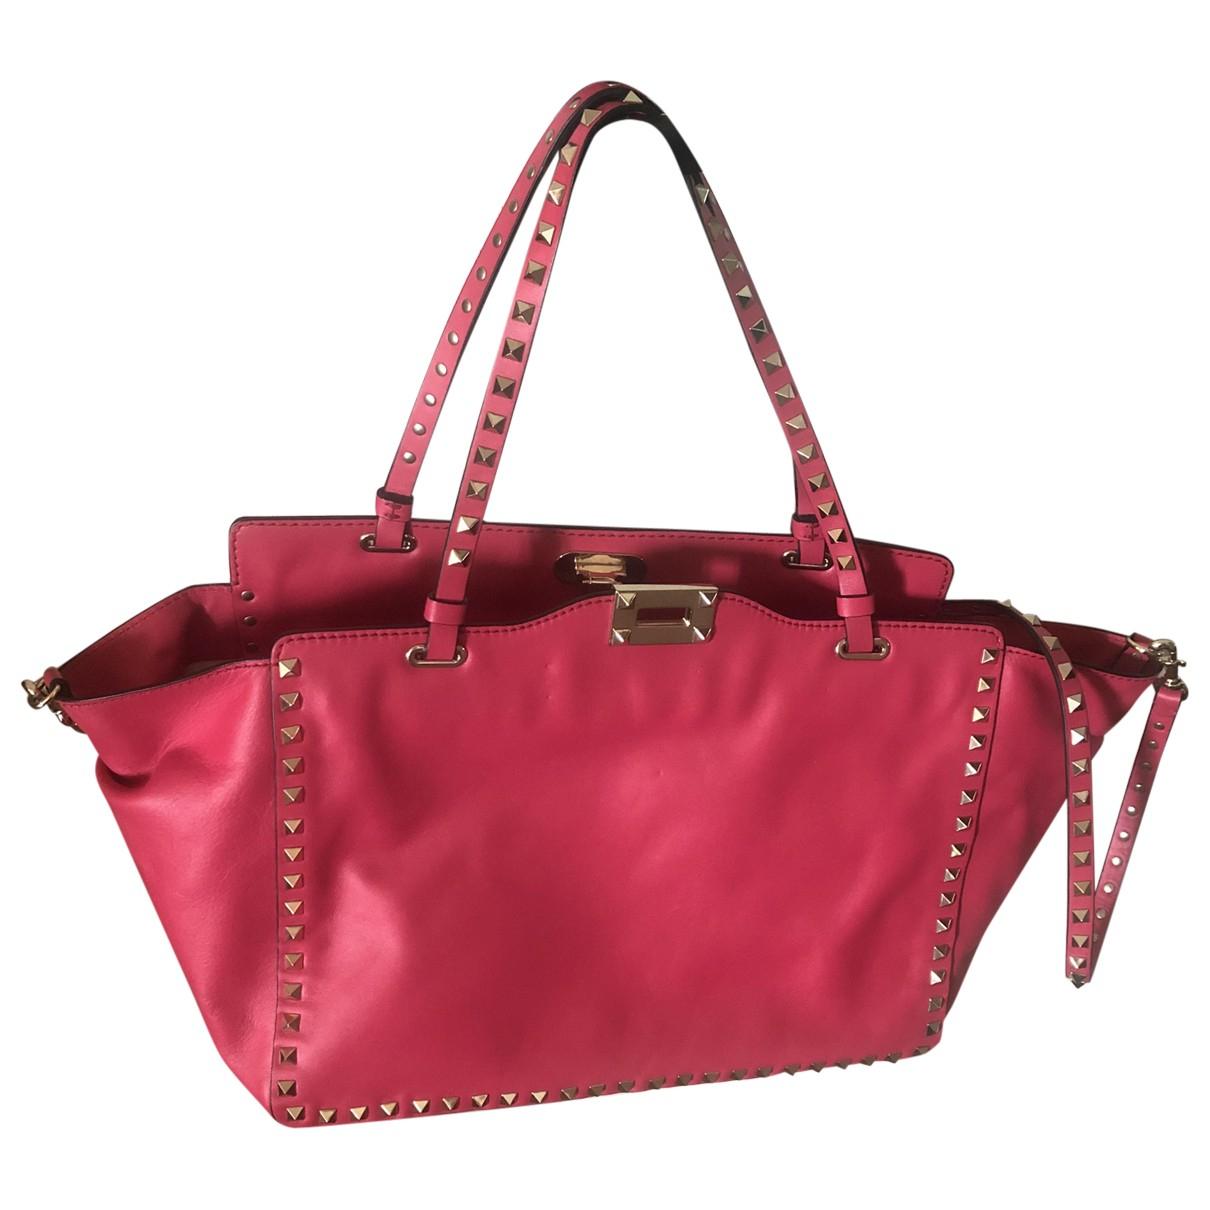 Valentino Garavani - Sac a main Rockstud pour femme en cuir - rose